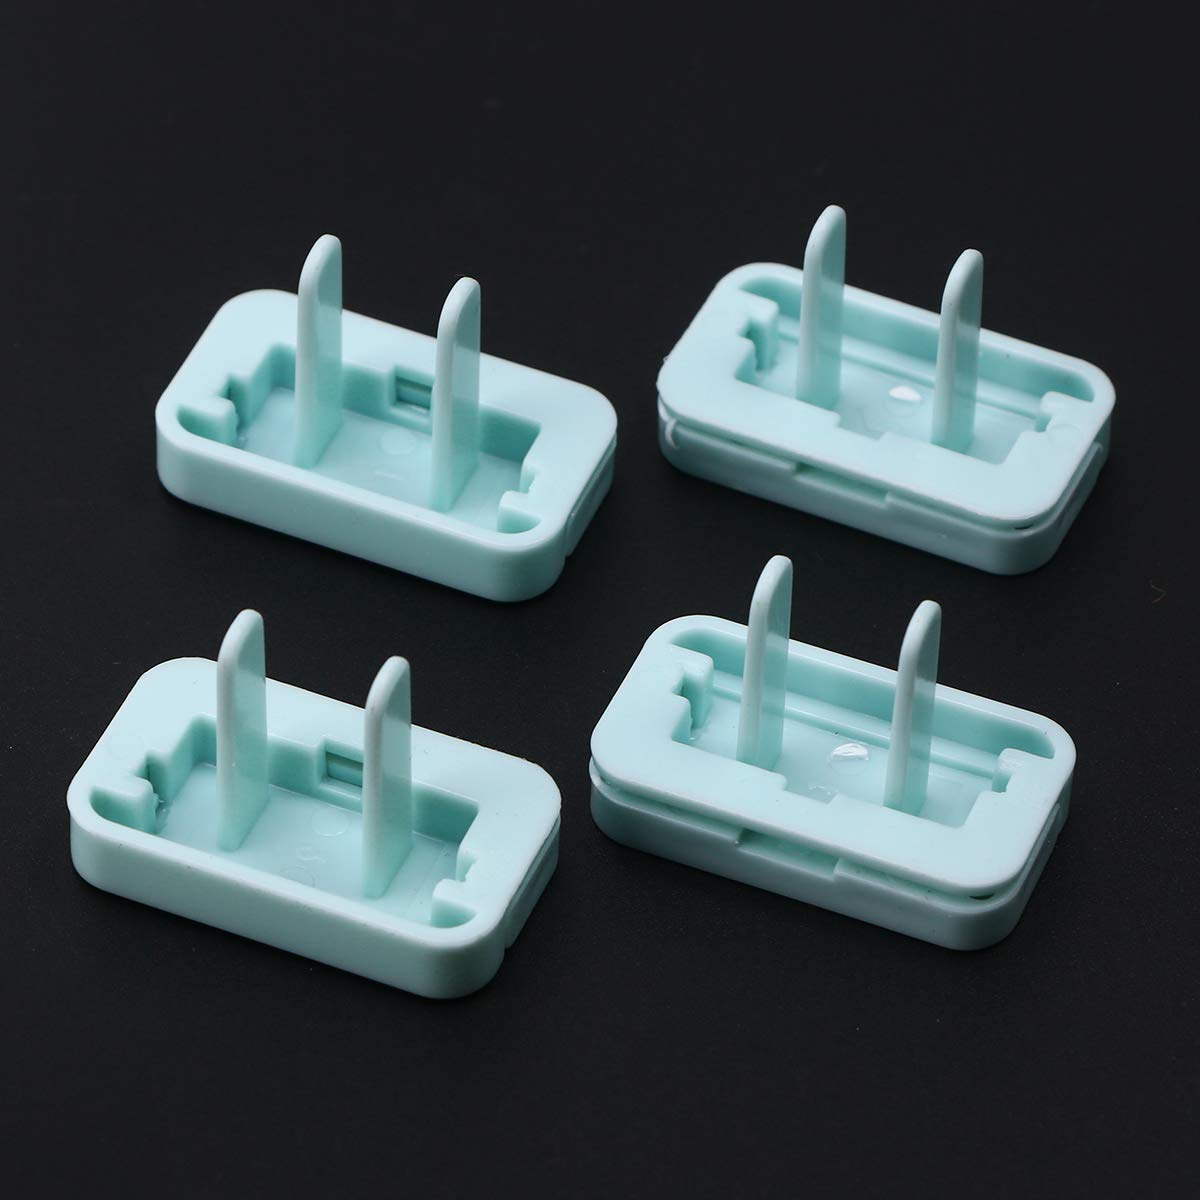 blau Toyvian Baby Steckdosensicherung Kinder Steckdosenschutz Steckdosenabdeckung Steckdosen Staubschutz 8 St/ücke